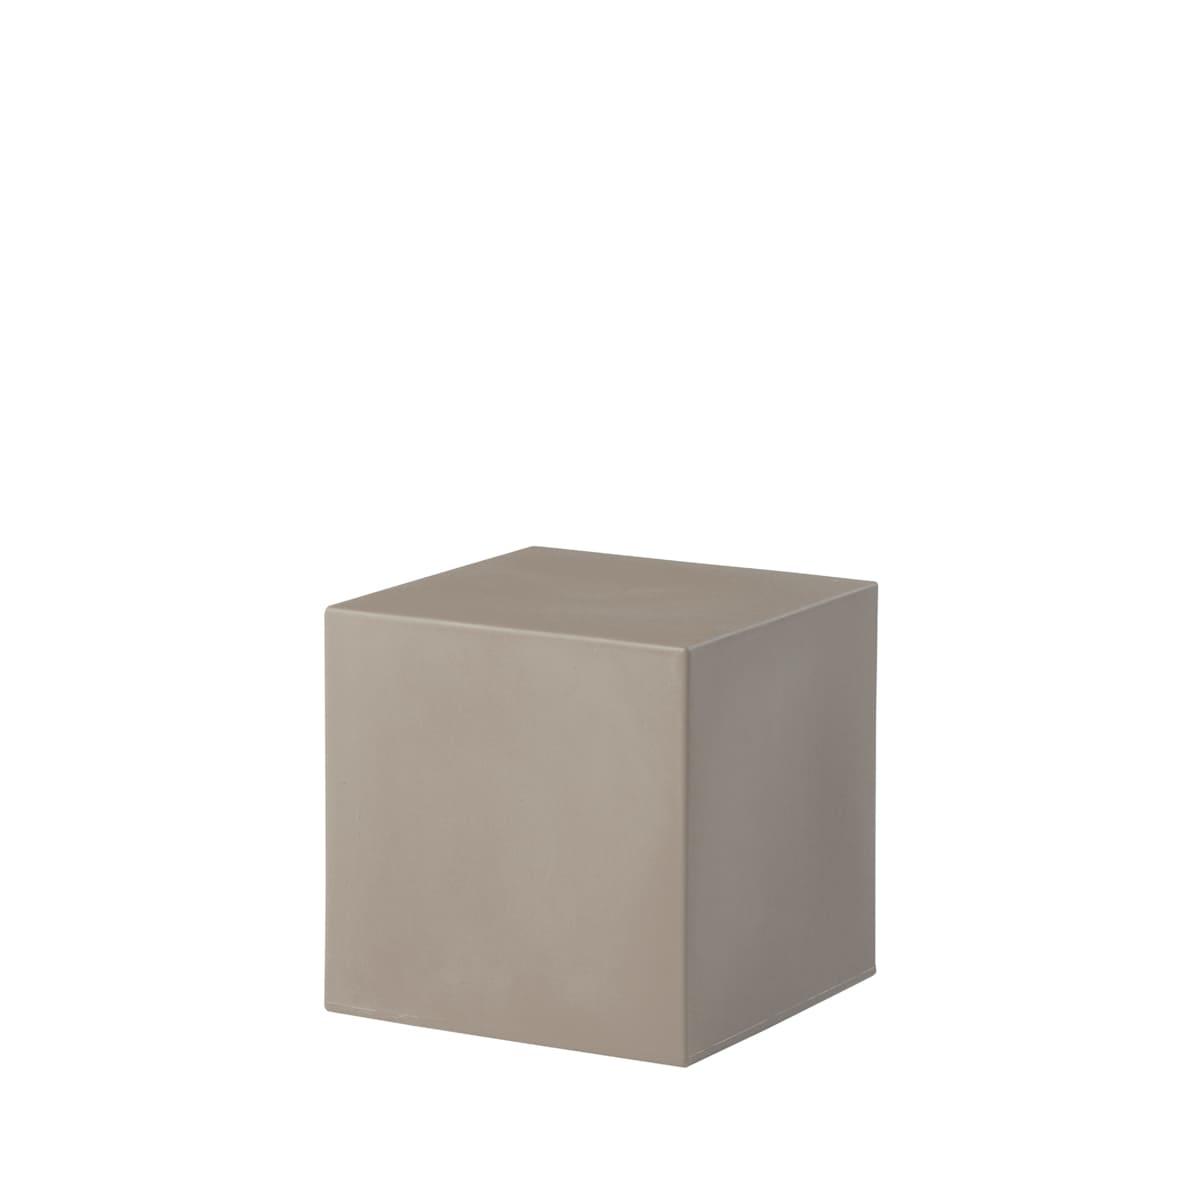 hellgrau cube würfel Bunte Wuerfel Outdoor - Cube Würfel beleuchtet